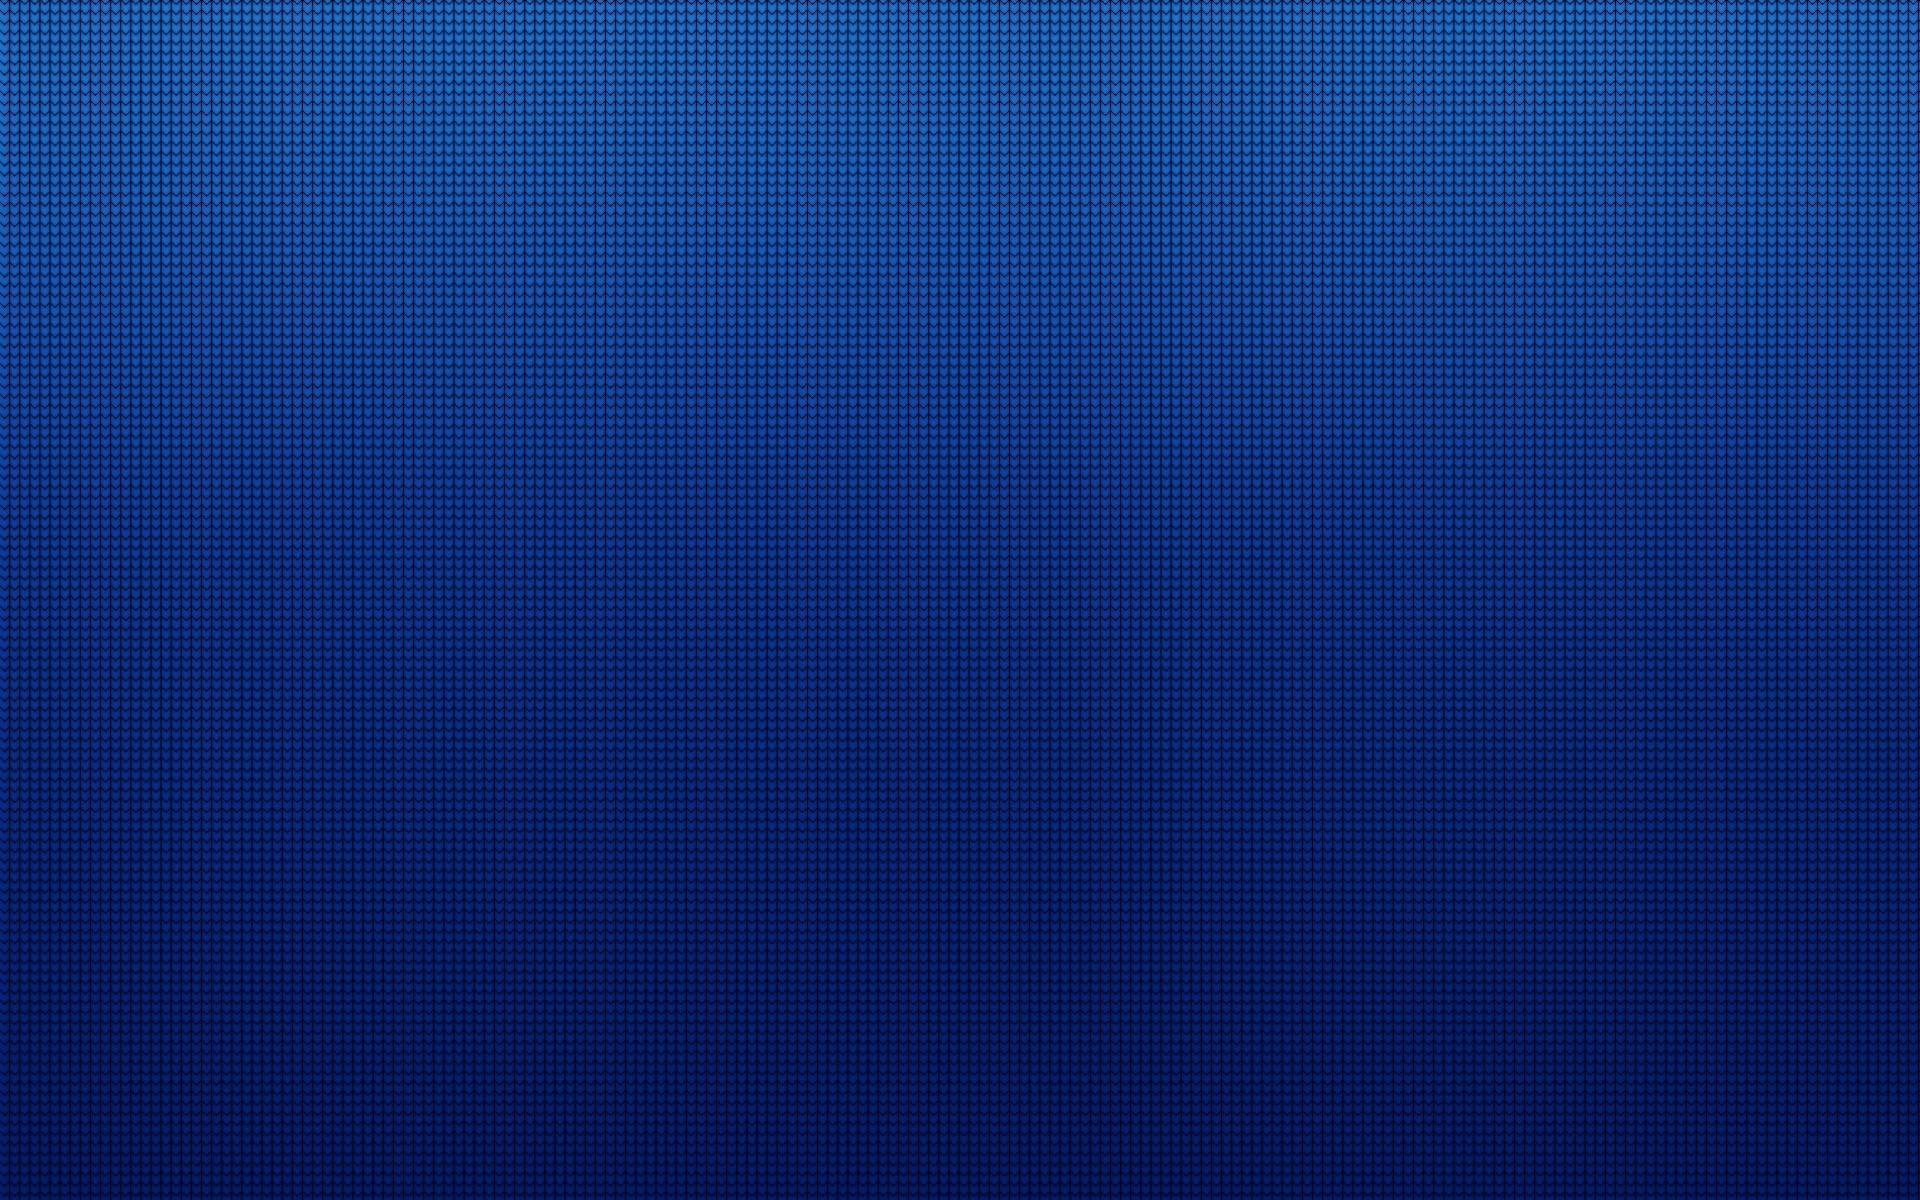 Dark Blue Background Wallpaper ·①